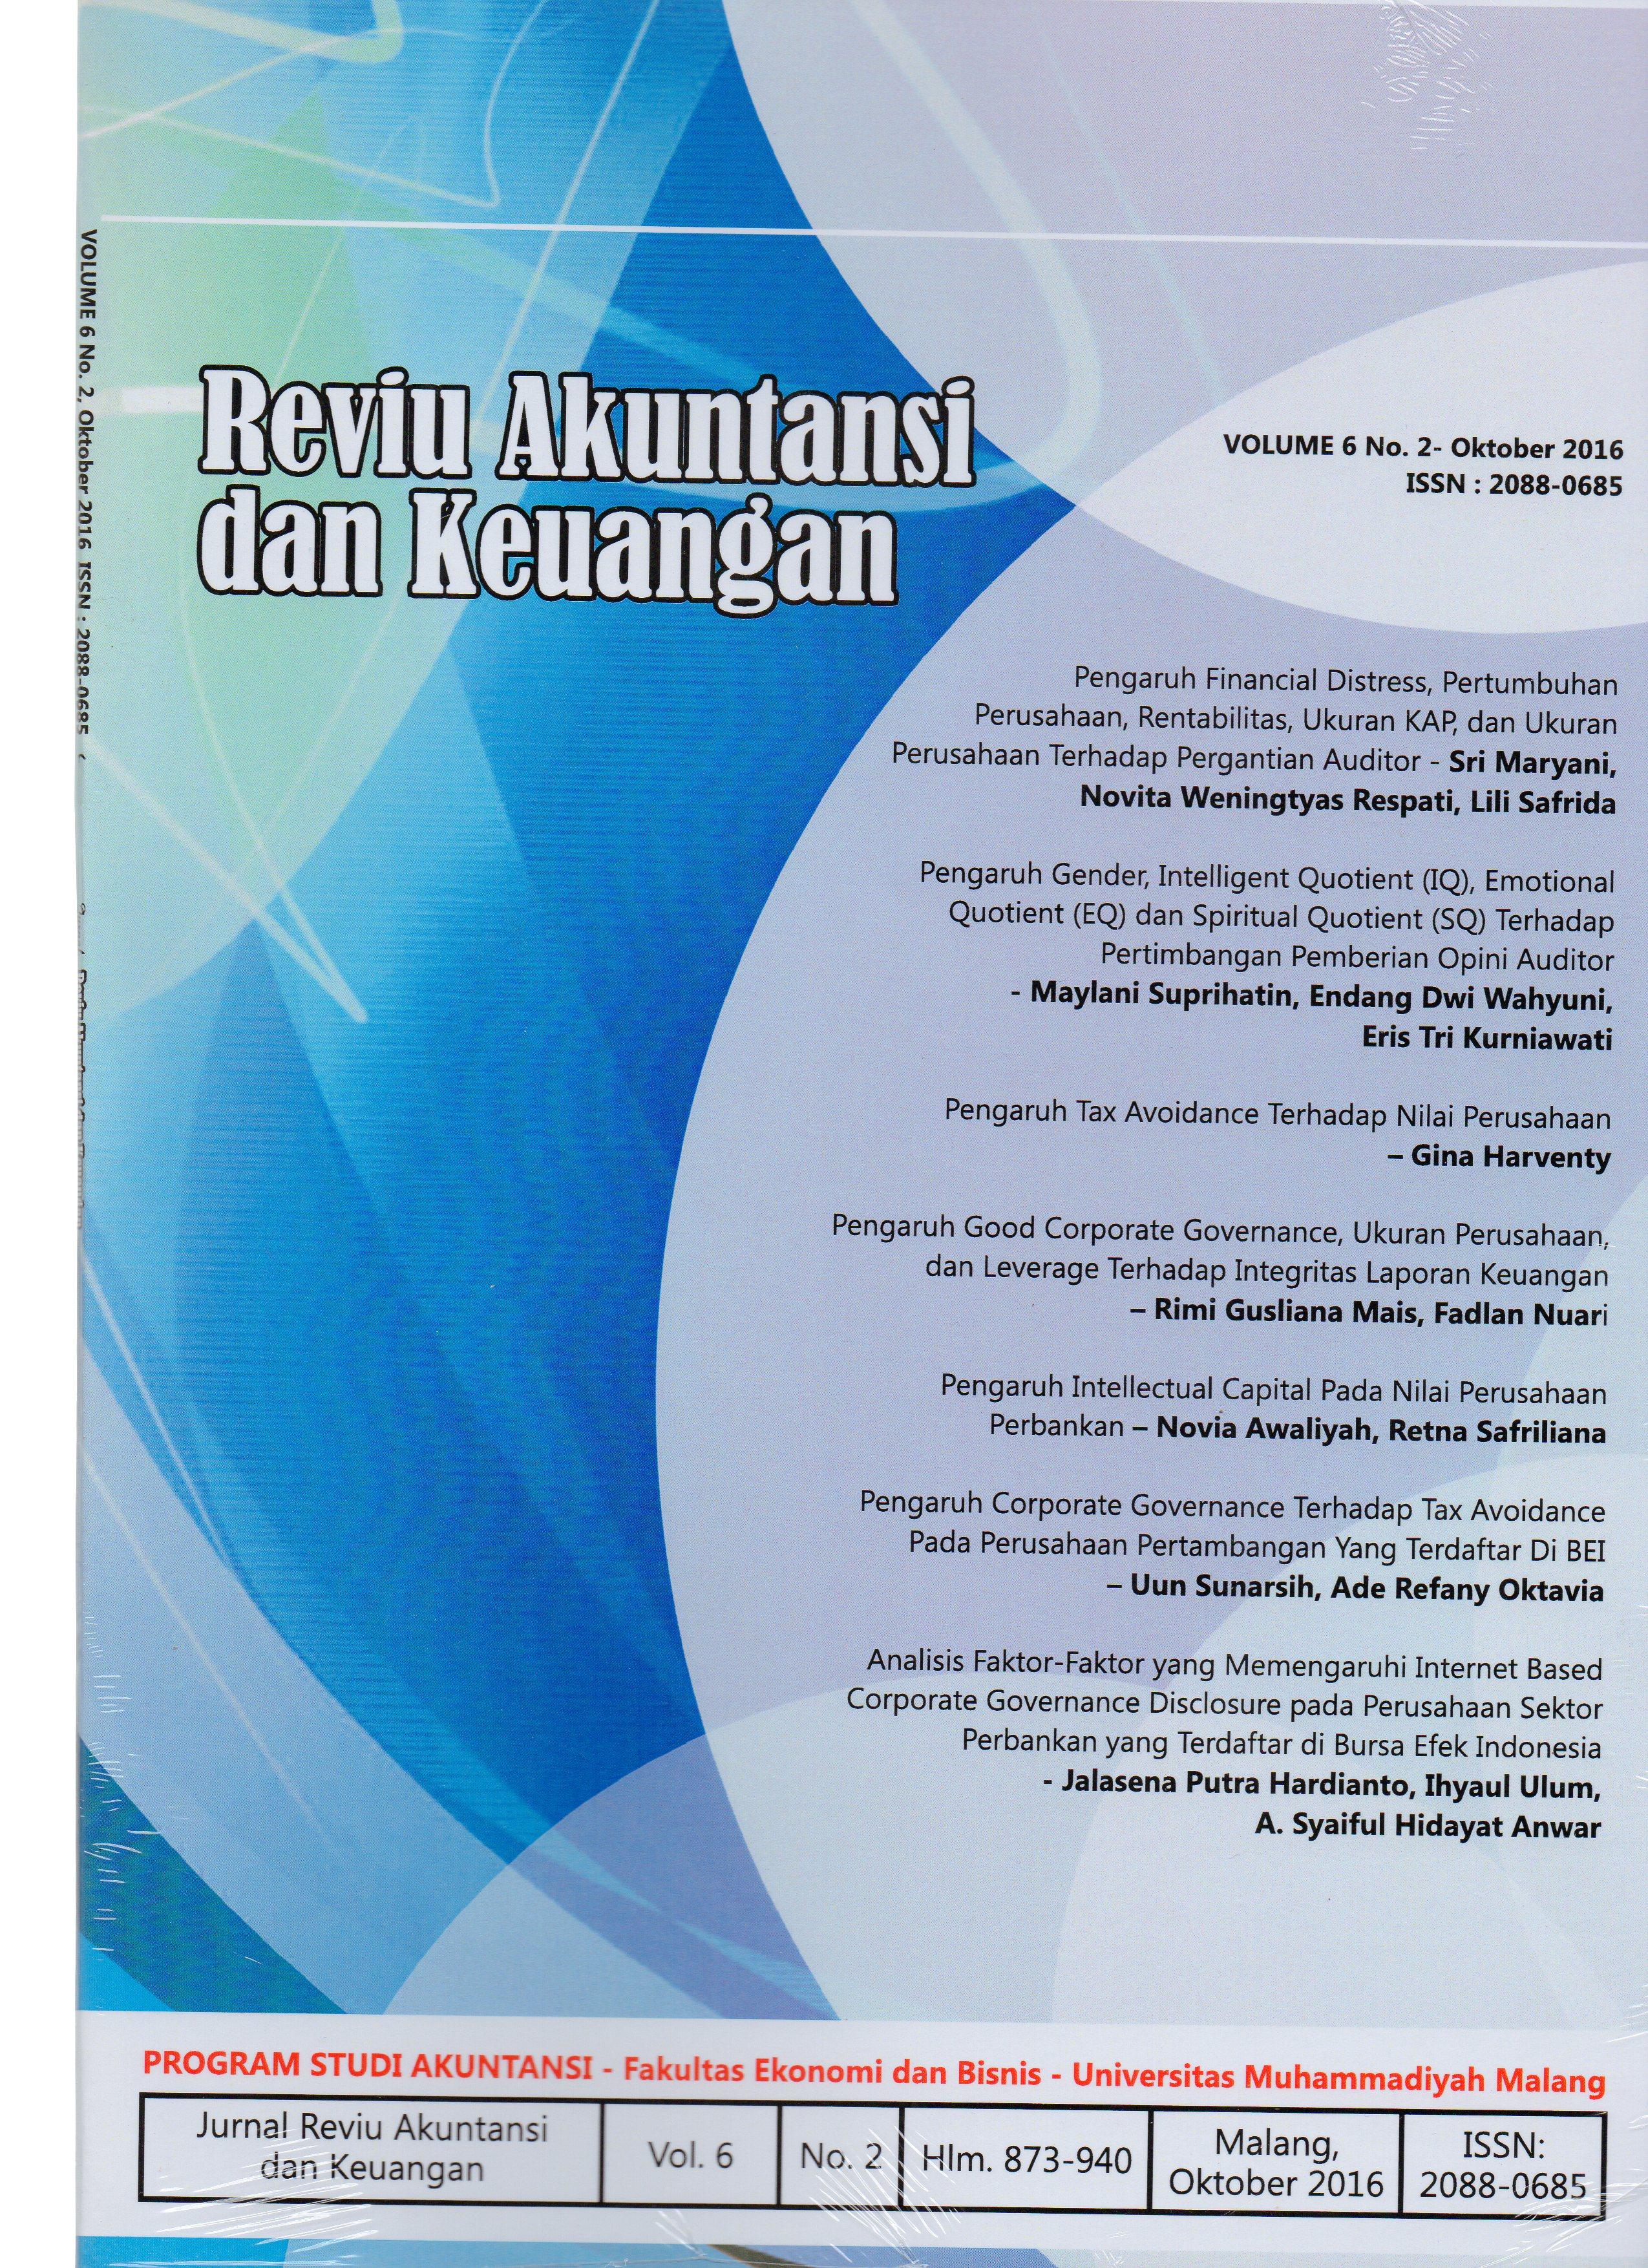 View Vol. 6 No. 2: Jurnal Reviu Akuntansi dan Keuangan